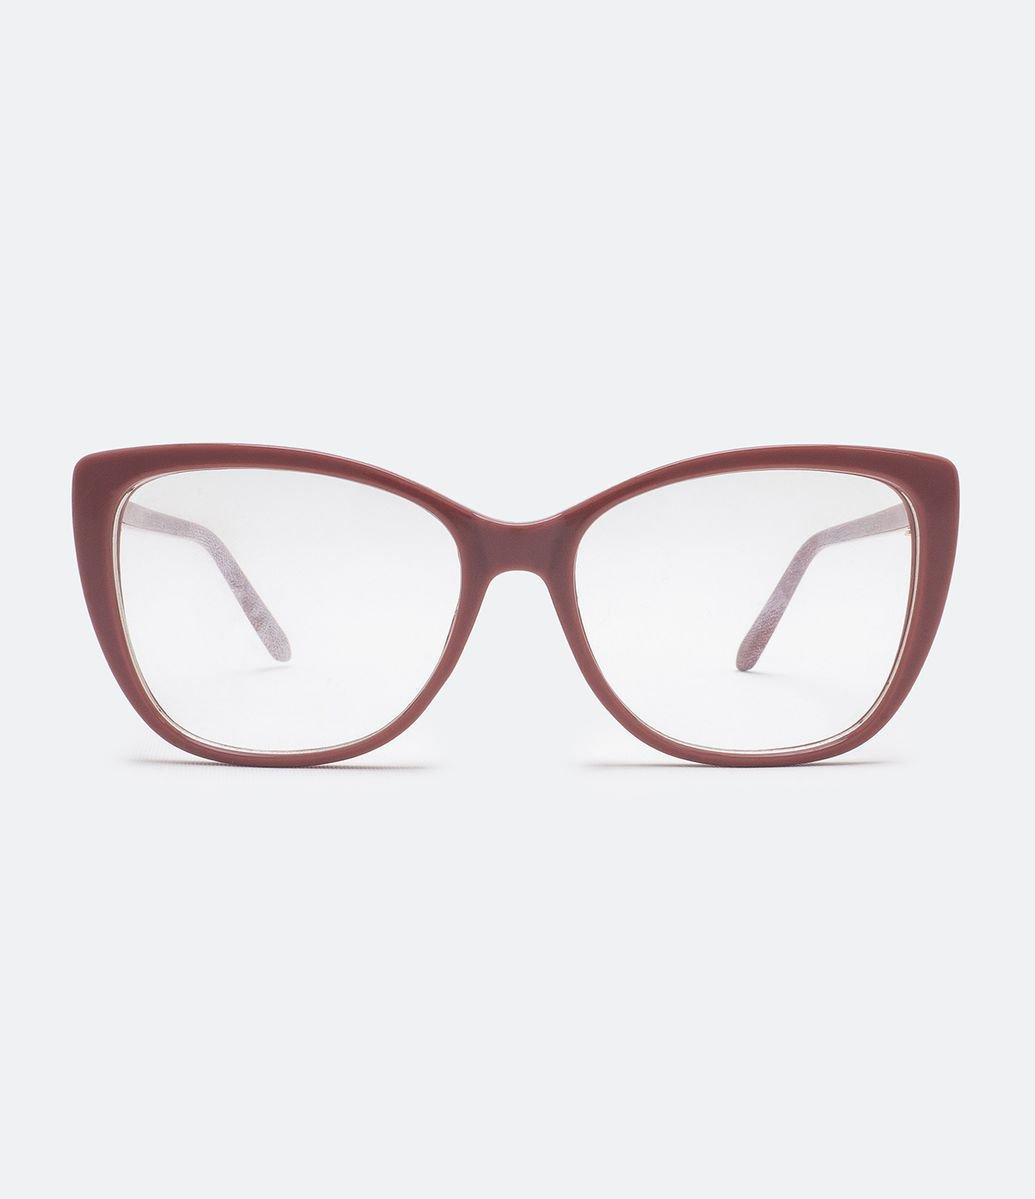 e52fc7ab6 Armação de Óculos Feminina Gateada   Menor preço com cupom